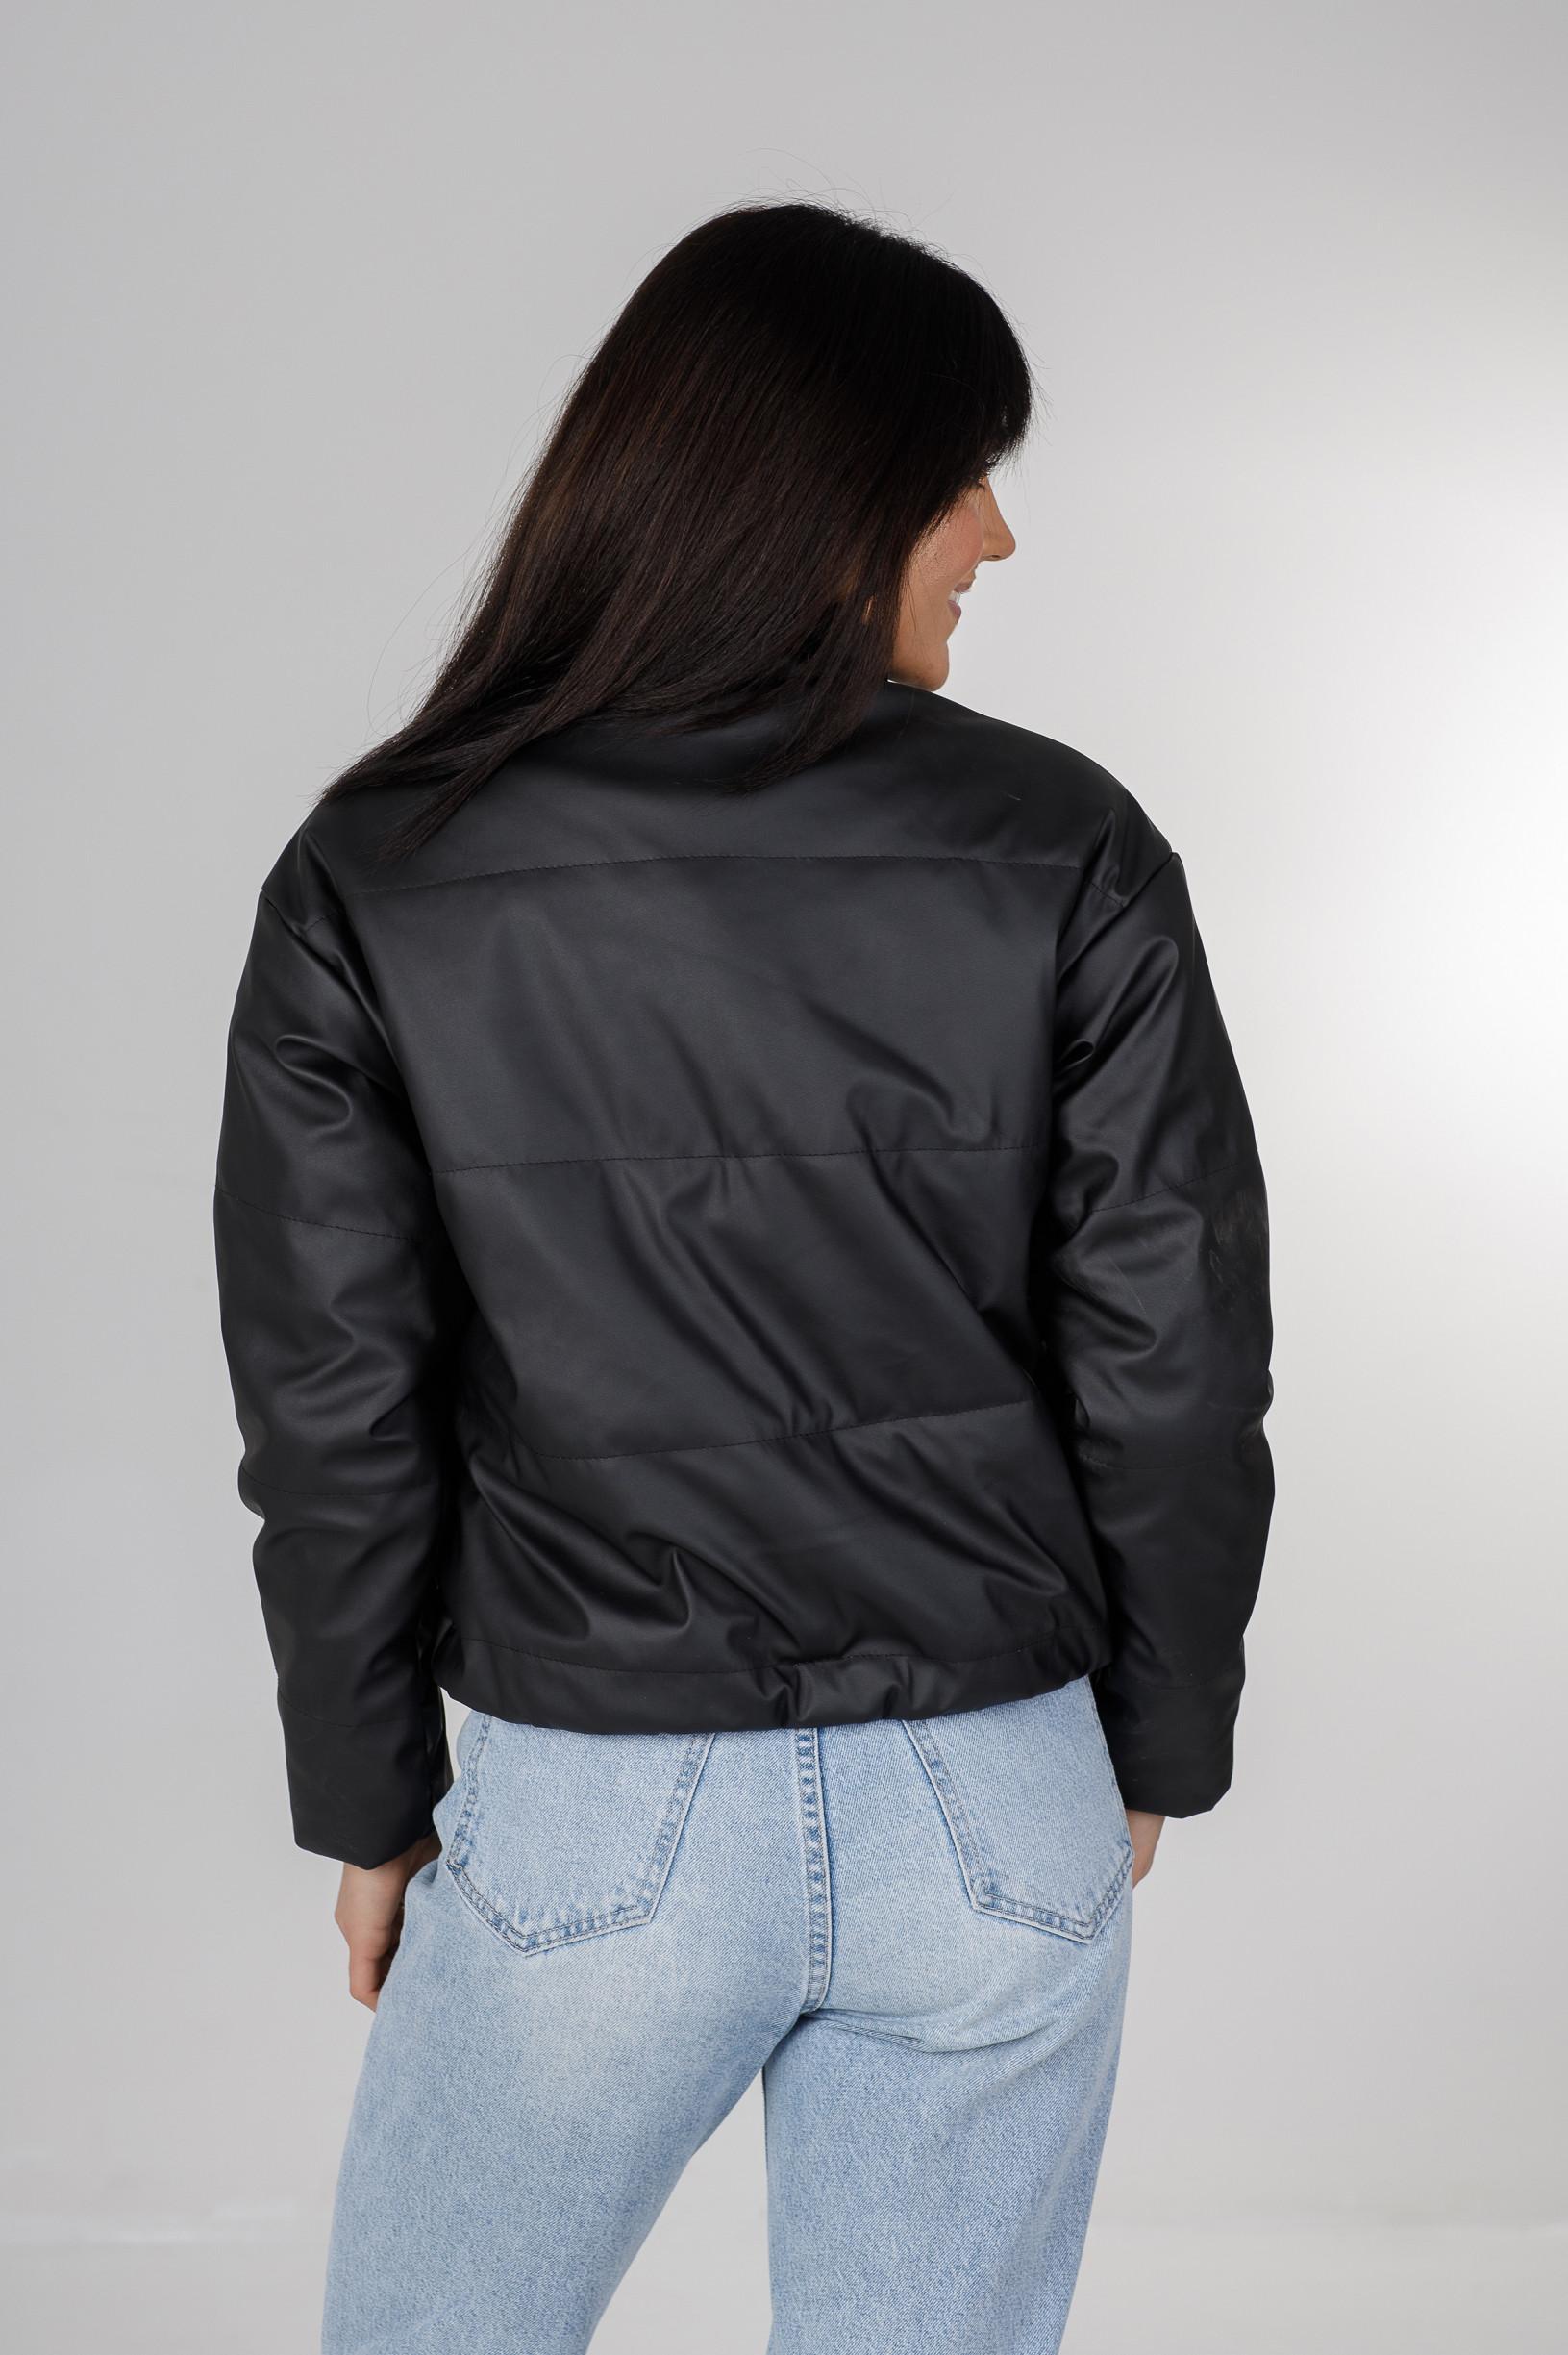 Стильная чёрная куртка из эко-кожи Харви